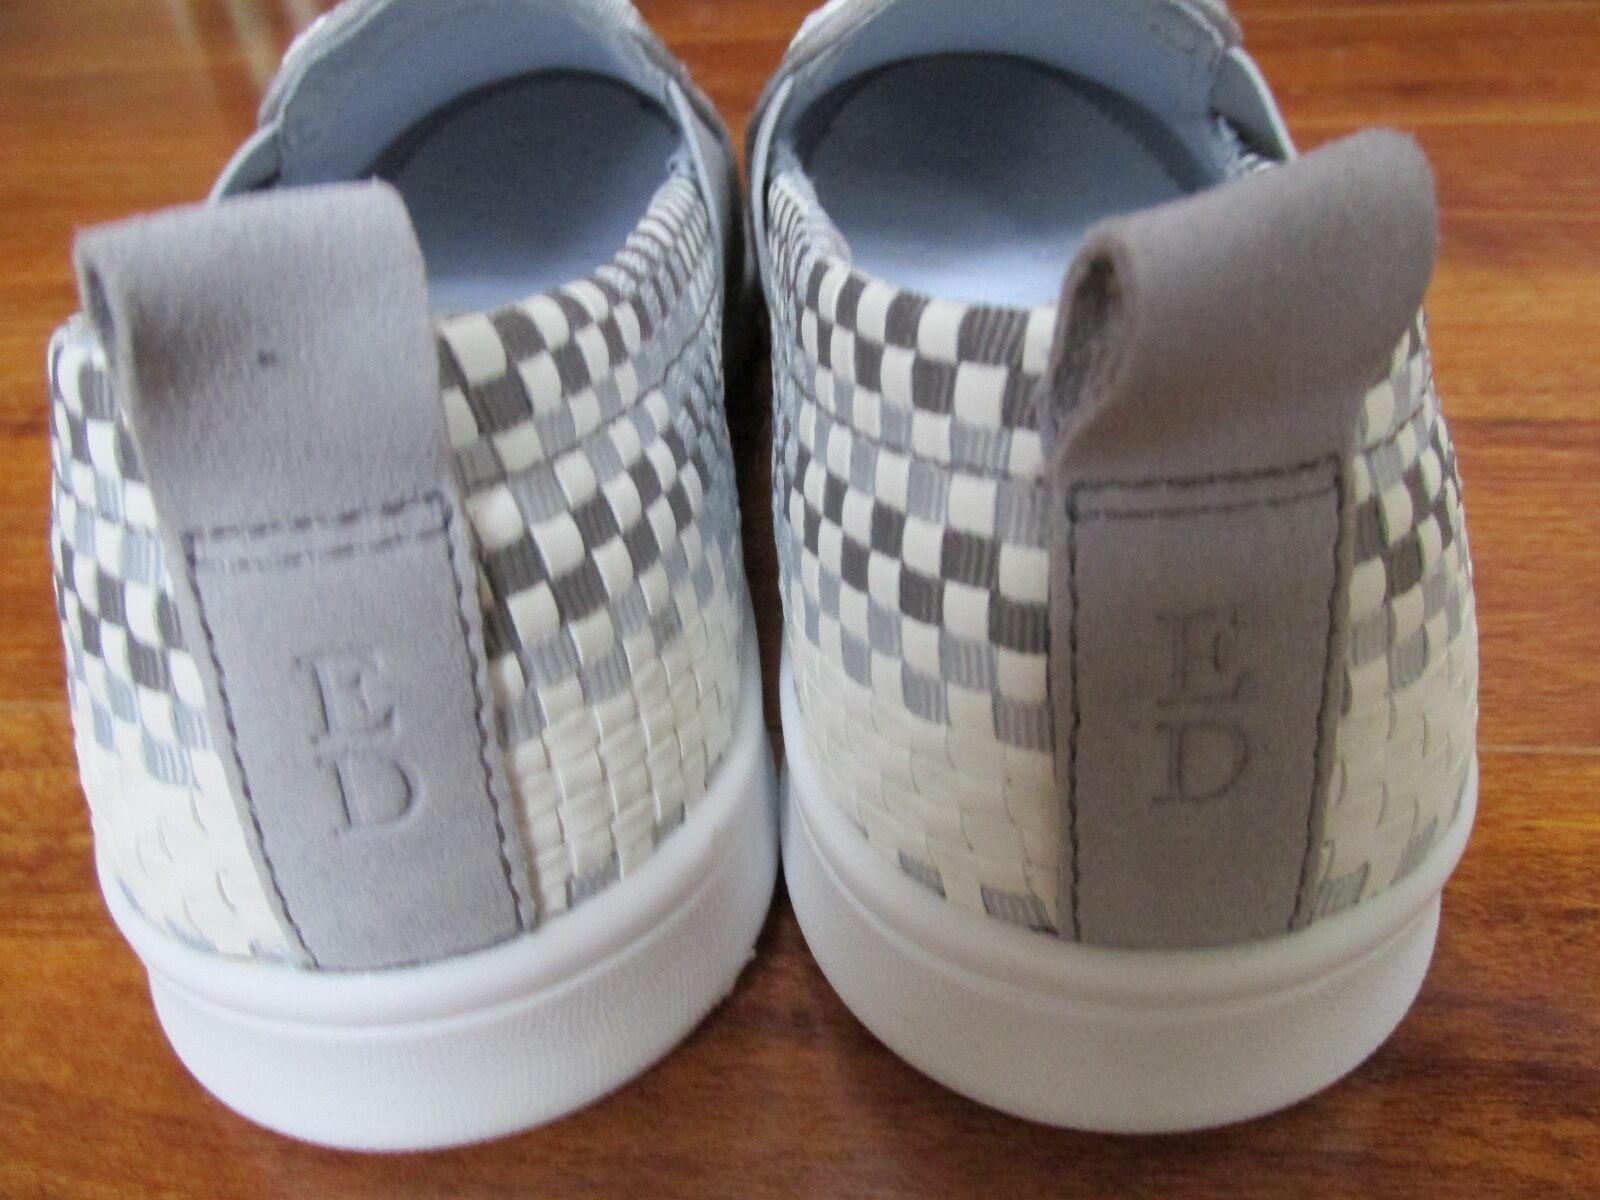 Nueva DeGeneres edición Ellen DeGeneres Nueva Carlene 2 Cuero Sin Cordones Zapatillas Deportivas Para Mujer 8.5 blancoo gris 8aa186